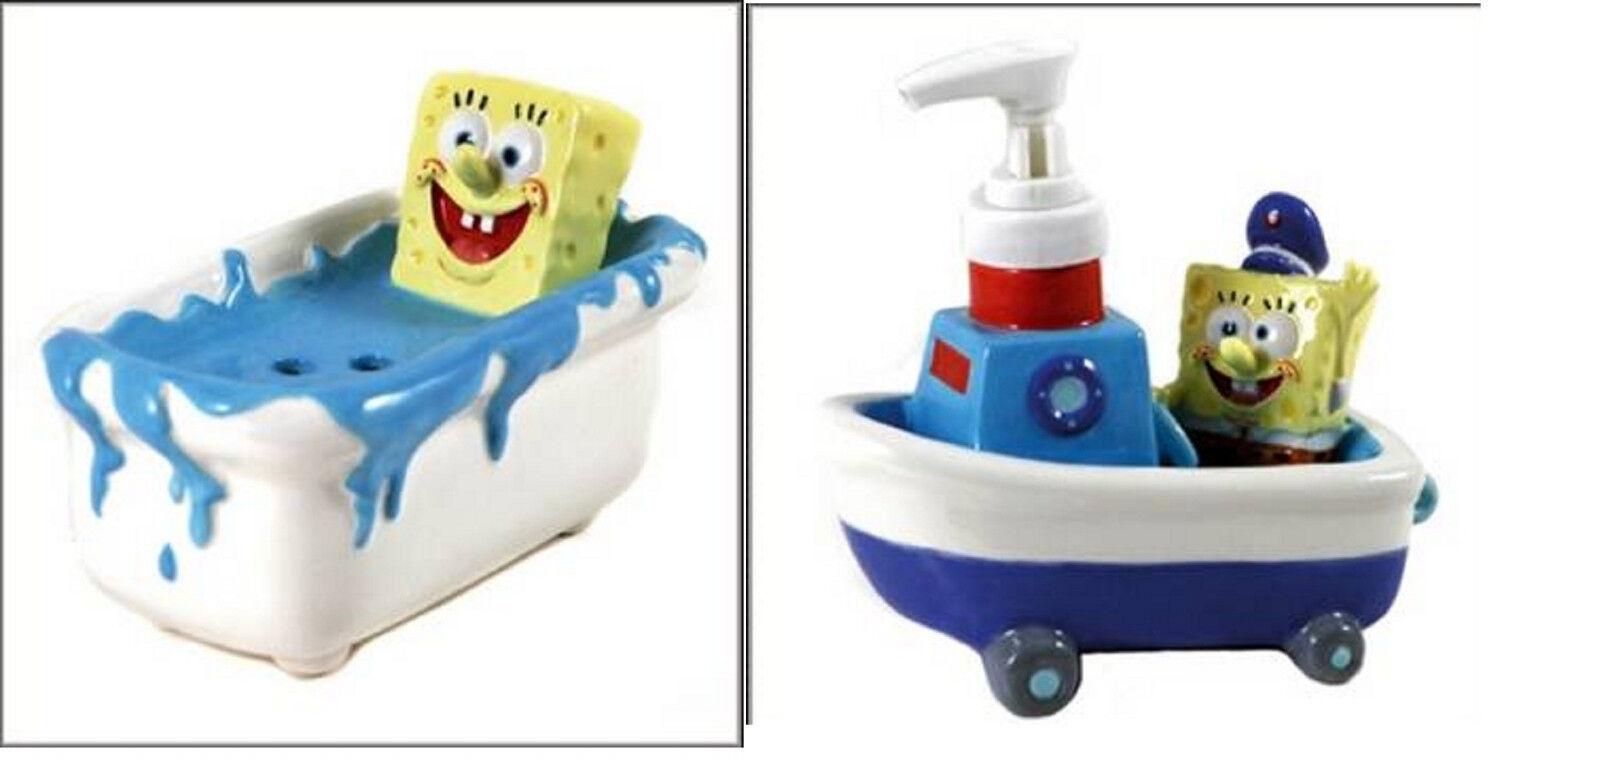 nueva gama alta exclusiva Sponge Bob Square Pants Caso Titular Baño Baño Baño Jabón Amarillo Tropical Figura Estatua  online al mejor precio